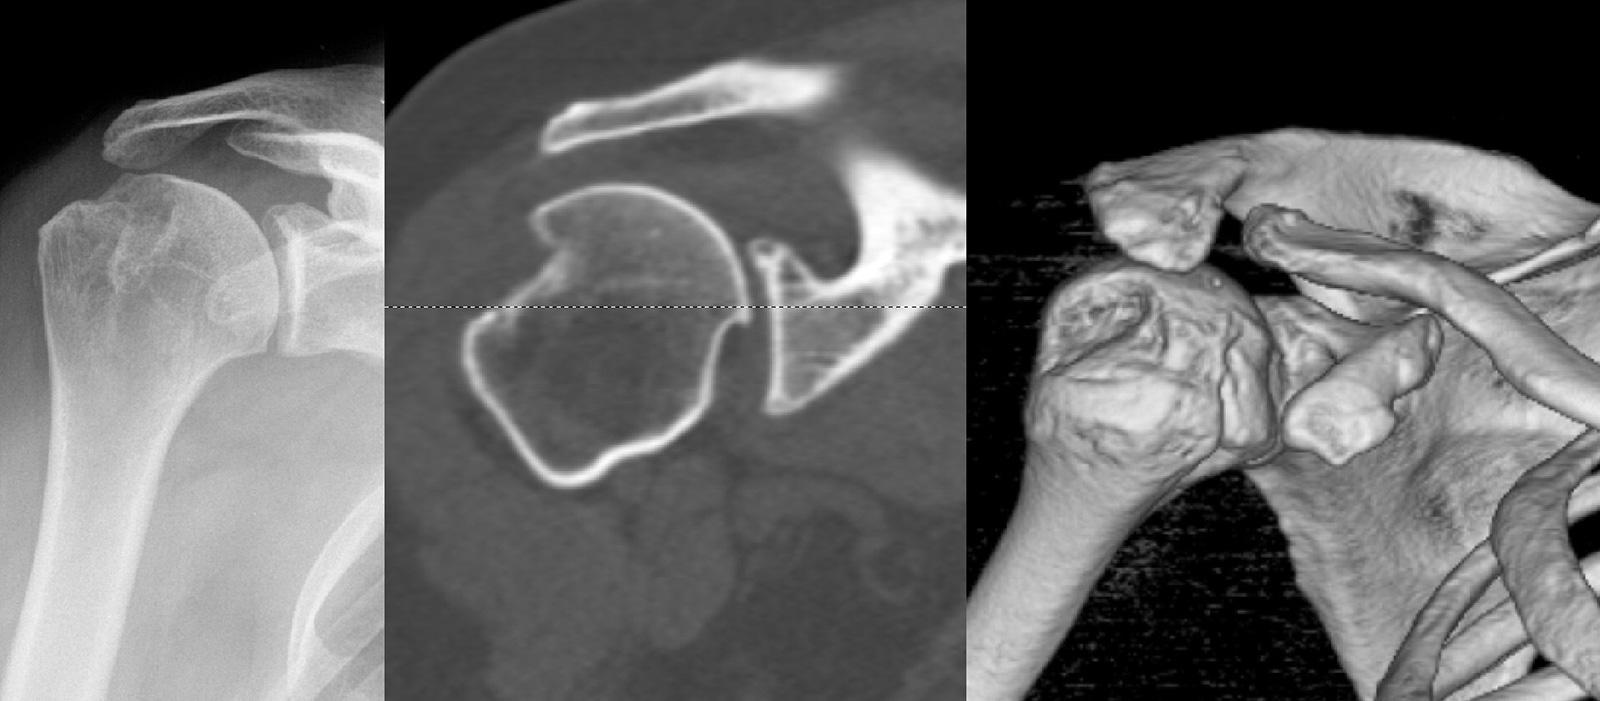 """Abb. 2-32: Bei einer ausgeprägten Hill-Sachs Läsion kann es mit zunehmender Außenrotation und Elevation des Arms zu einer Luxation (""""engagement"""") in den Hill-Sachs-Defekt kommen. Die prä- operative (Röntgen (A) und CT-Bildgebung (B) ggf. mit 3-D Rekonstru"""